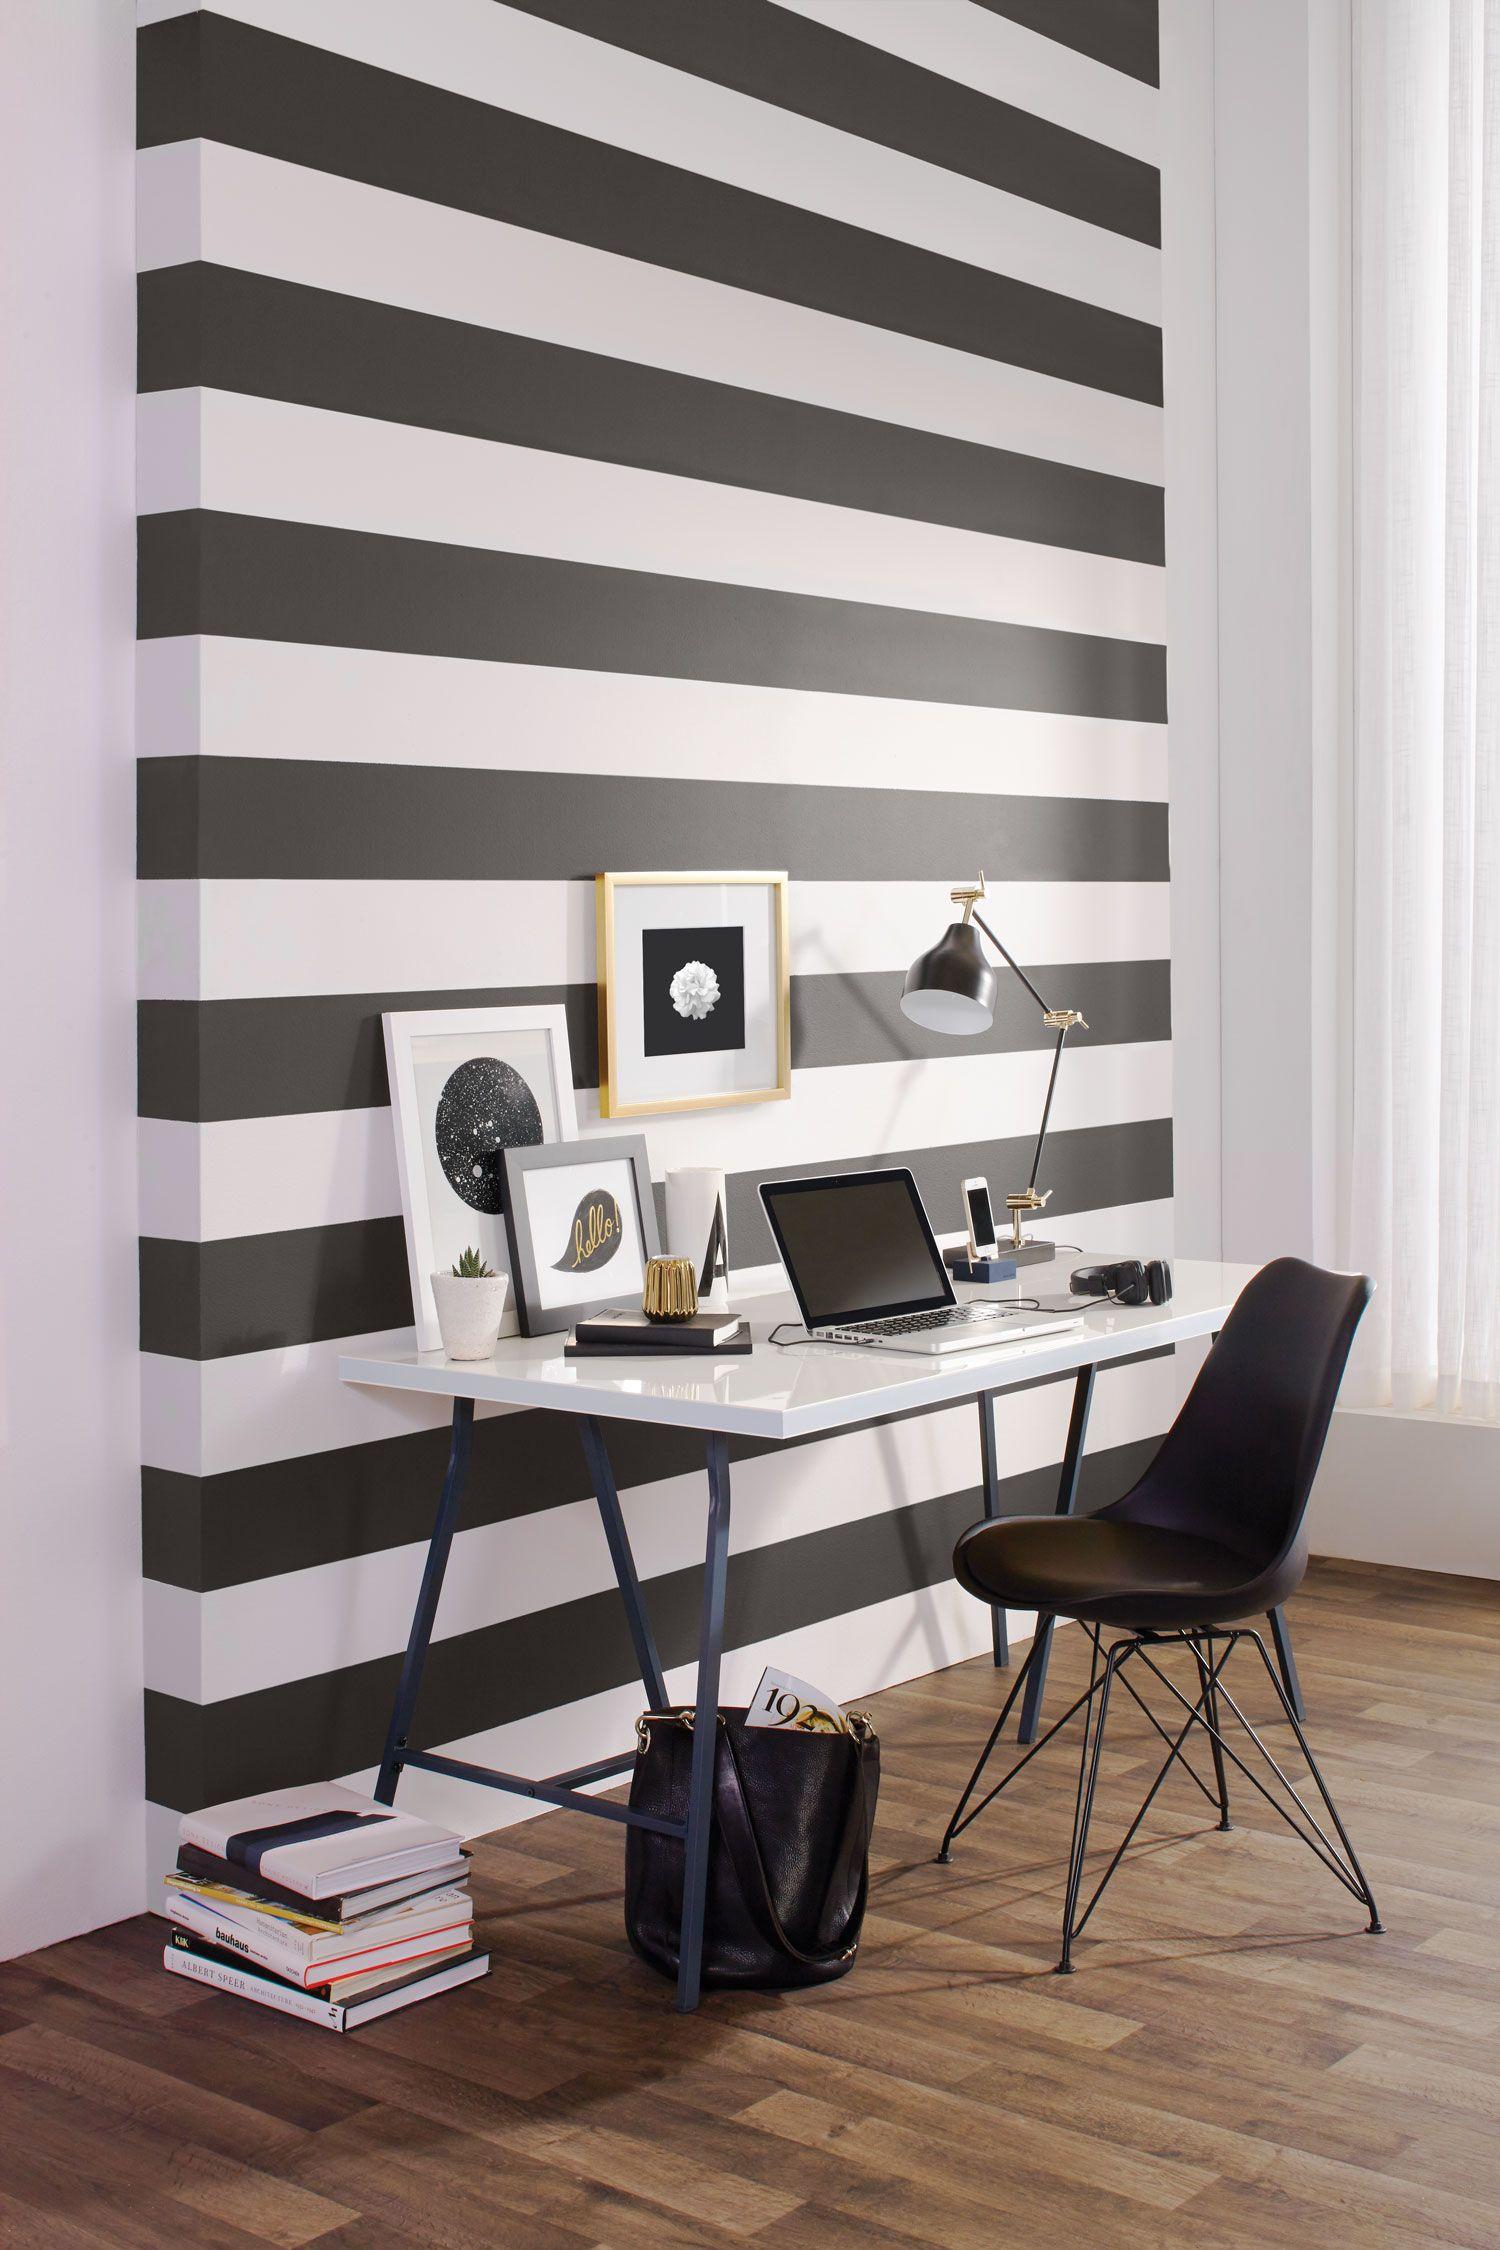 Bureau Noir Et Blanc peinture sico | le noir et blanc fait son grand retour dans